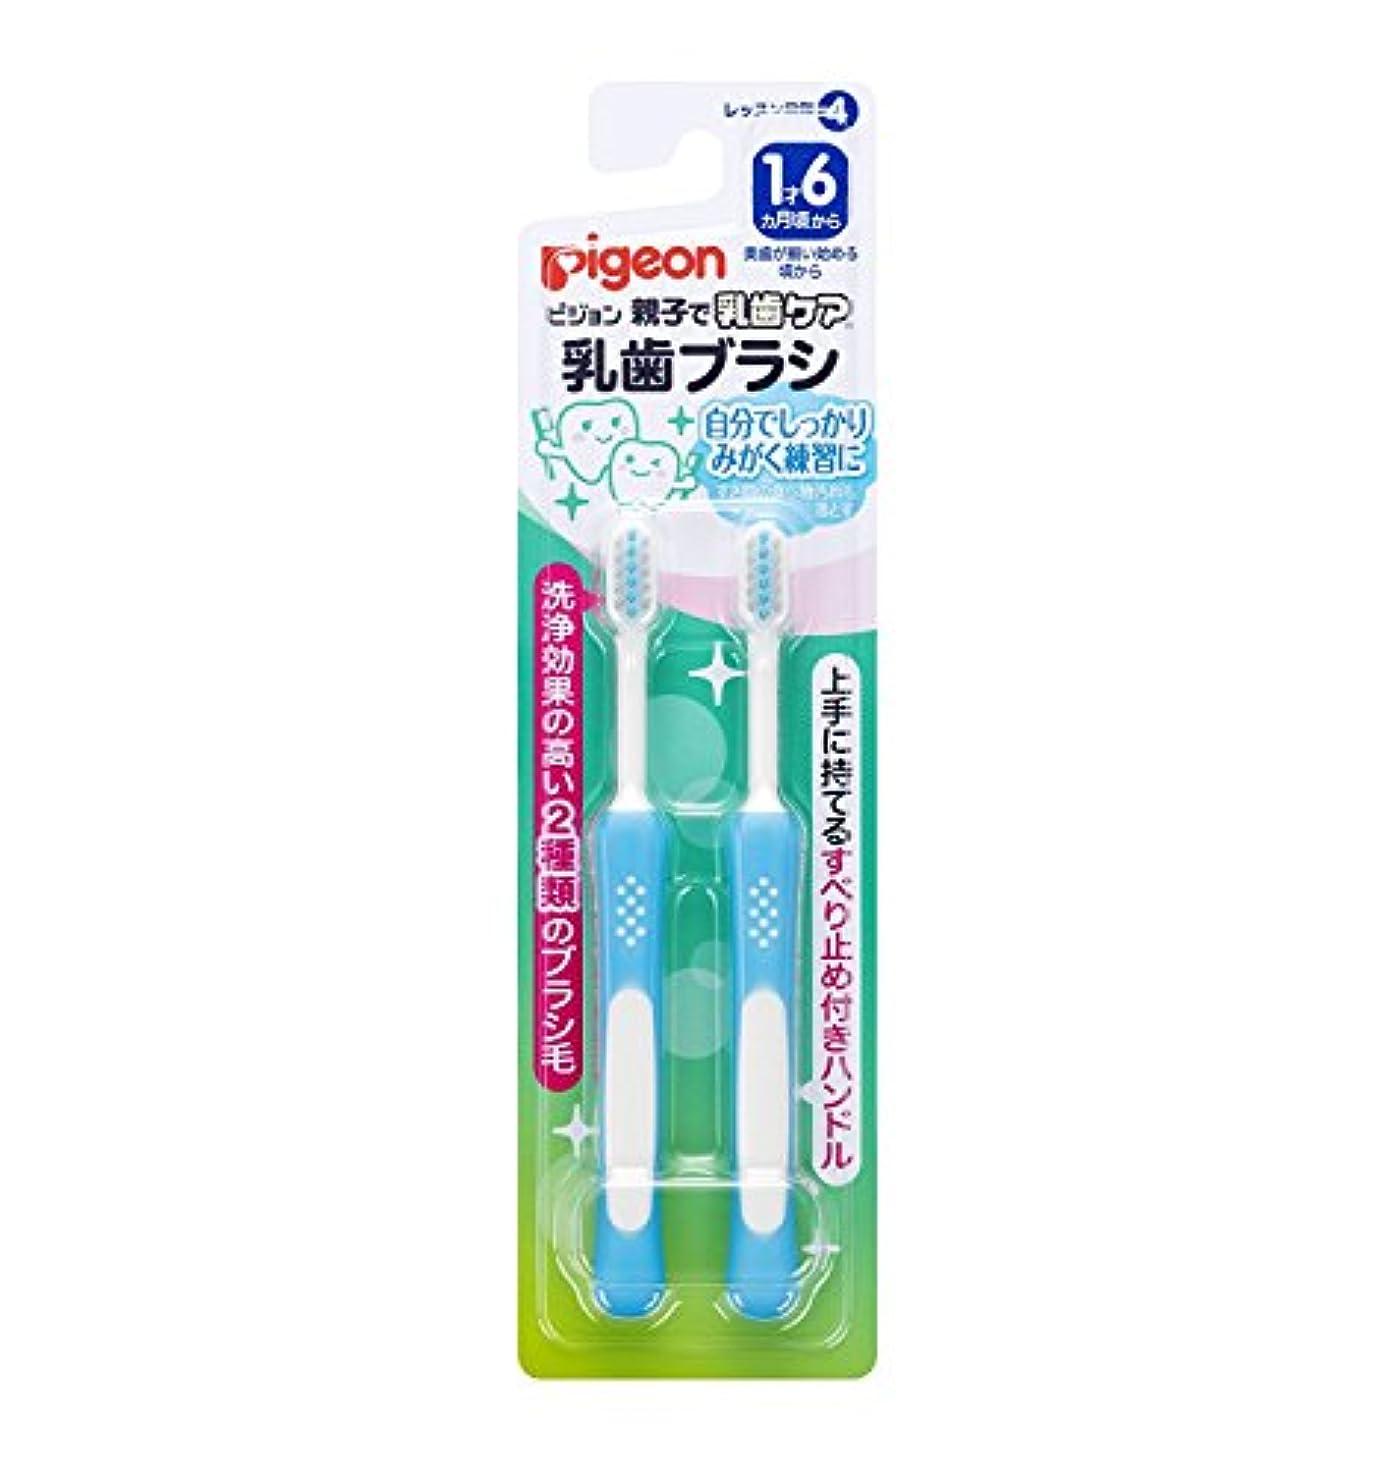 幸運な香ばしい通常ピジョン Pigeon 乳歯ブラシ ブルー レッスン段階4 2本入 奥歯が揃い始める頃から(1才6ヵ月~3才頃) 歯ぐきを傷つけず自分で「しっかりみがく」トレーニング